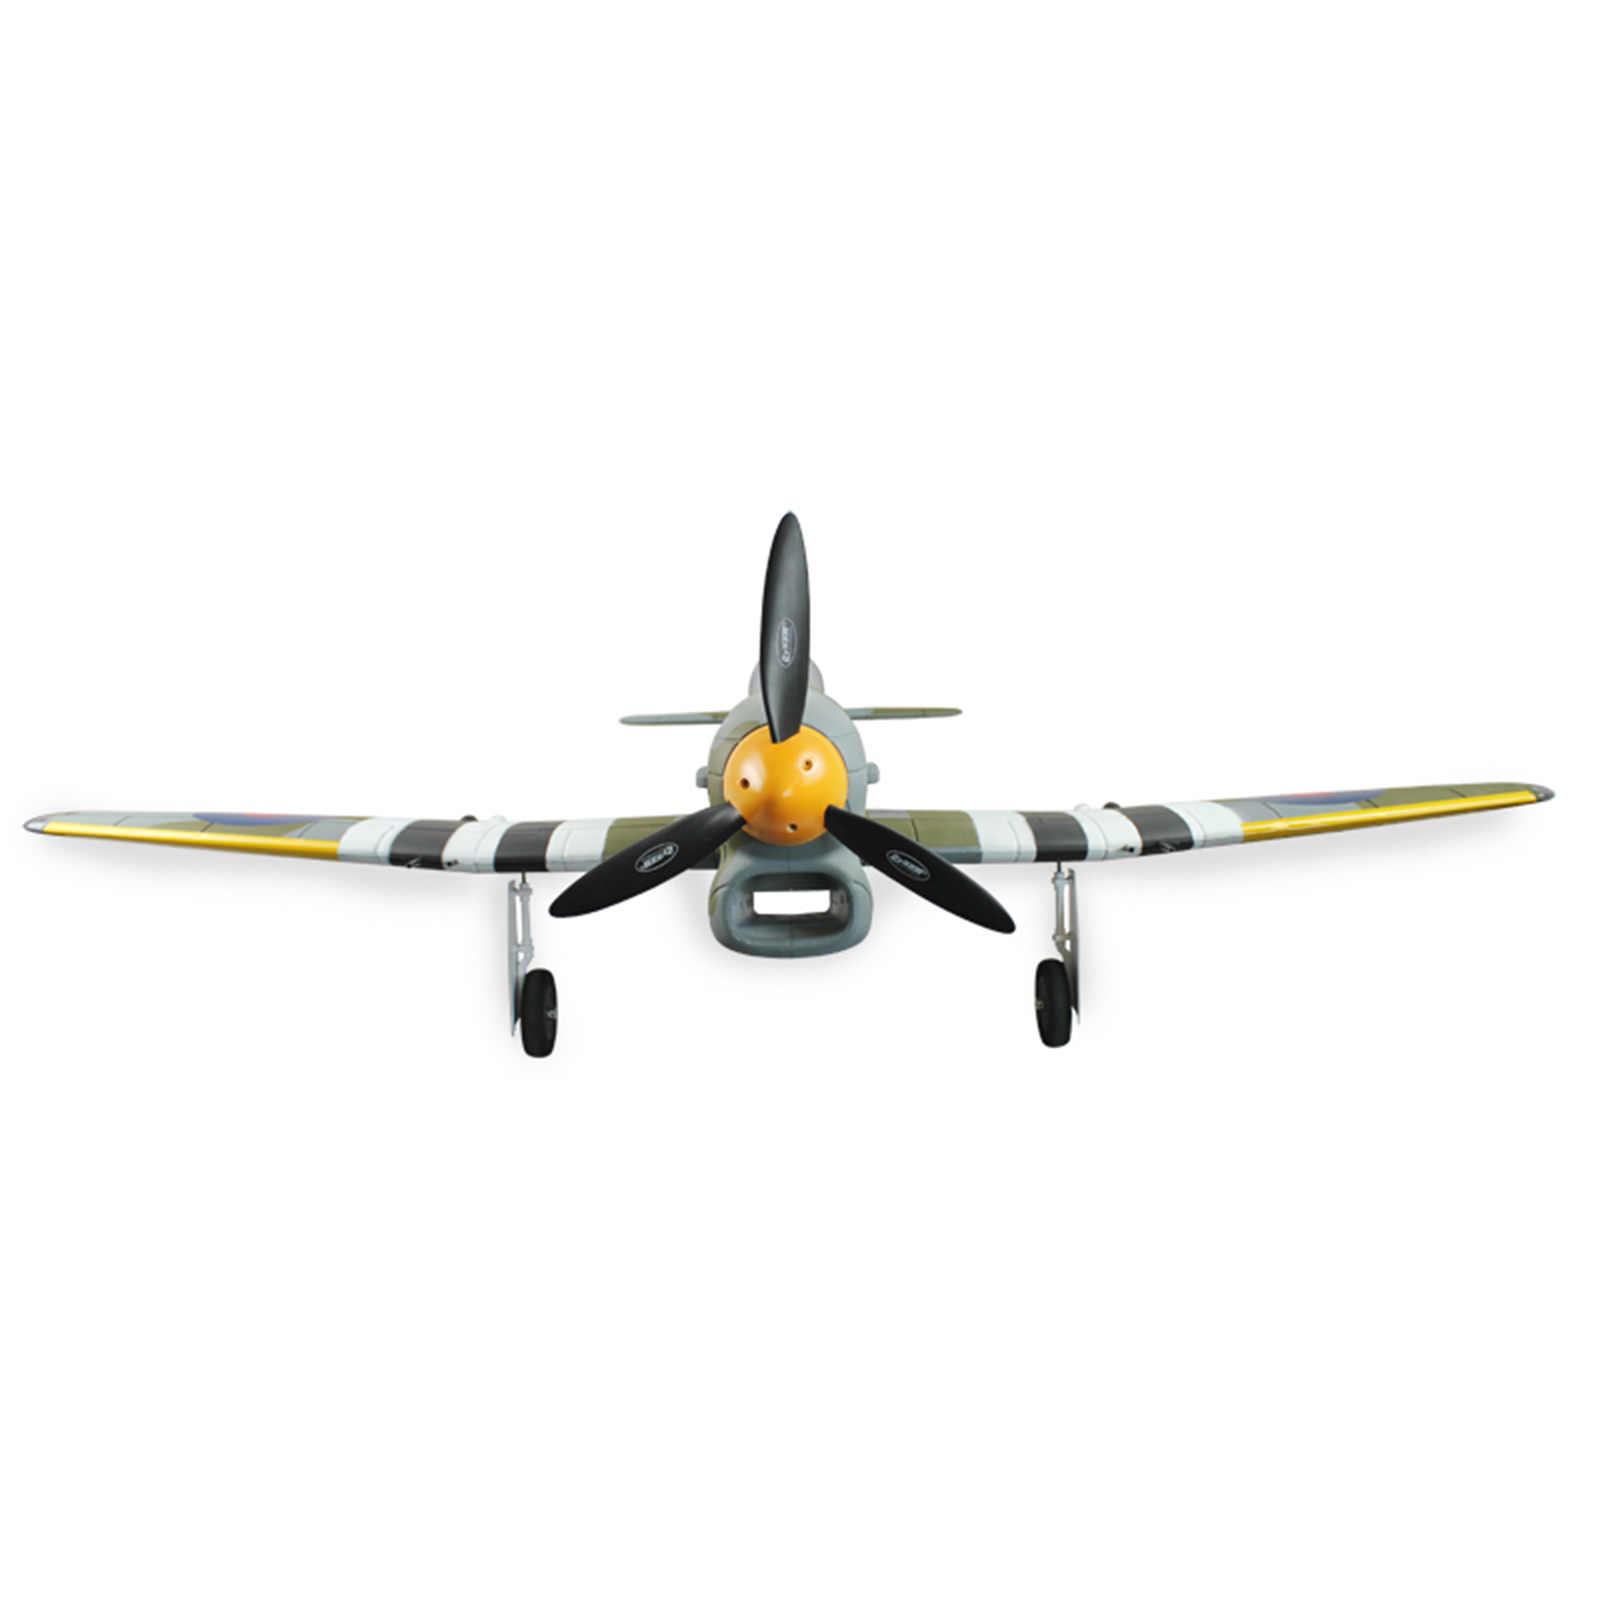 Dynam Hawker Tempest Rc Plane W Retracts Radio System